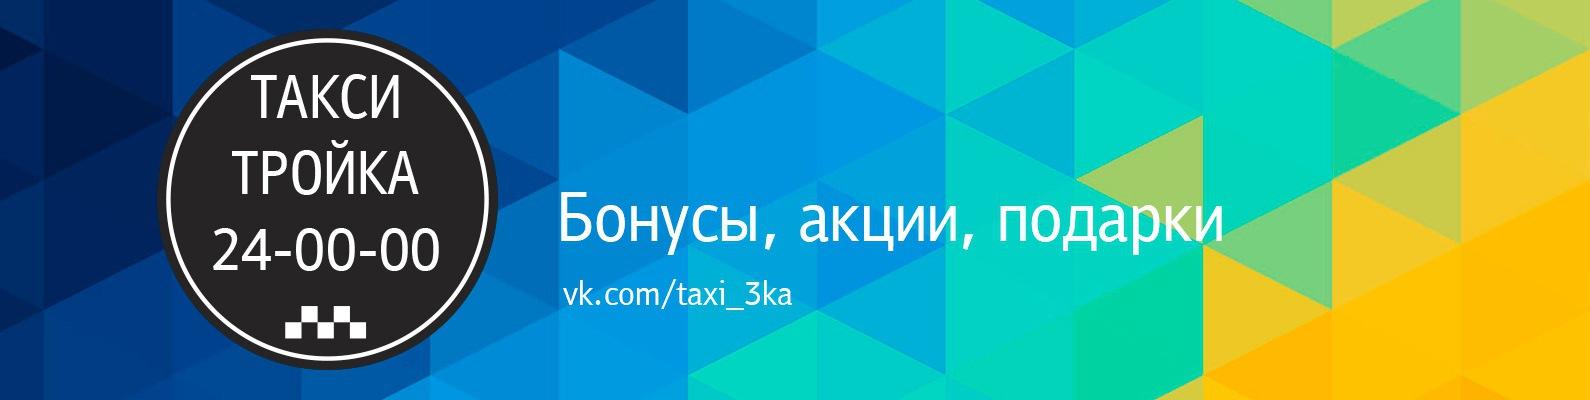 тройка номер такси южносахалинск помощью